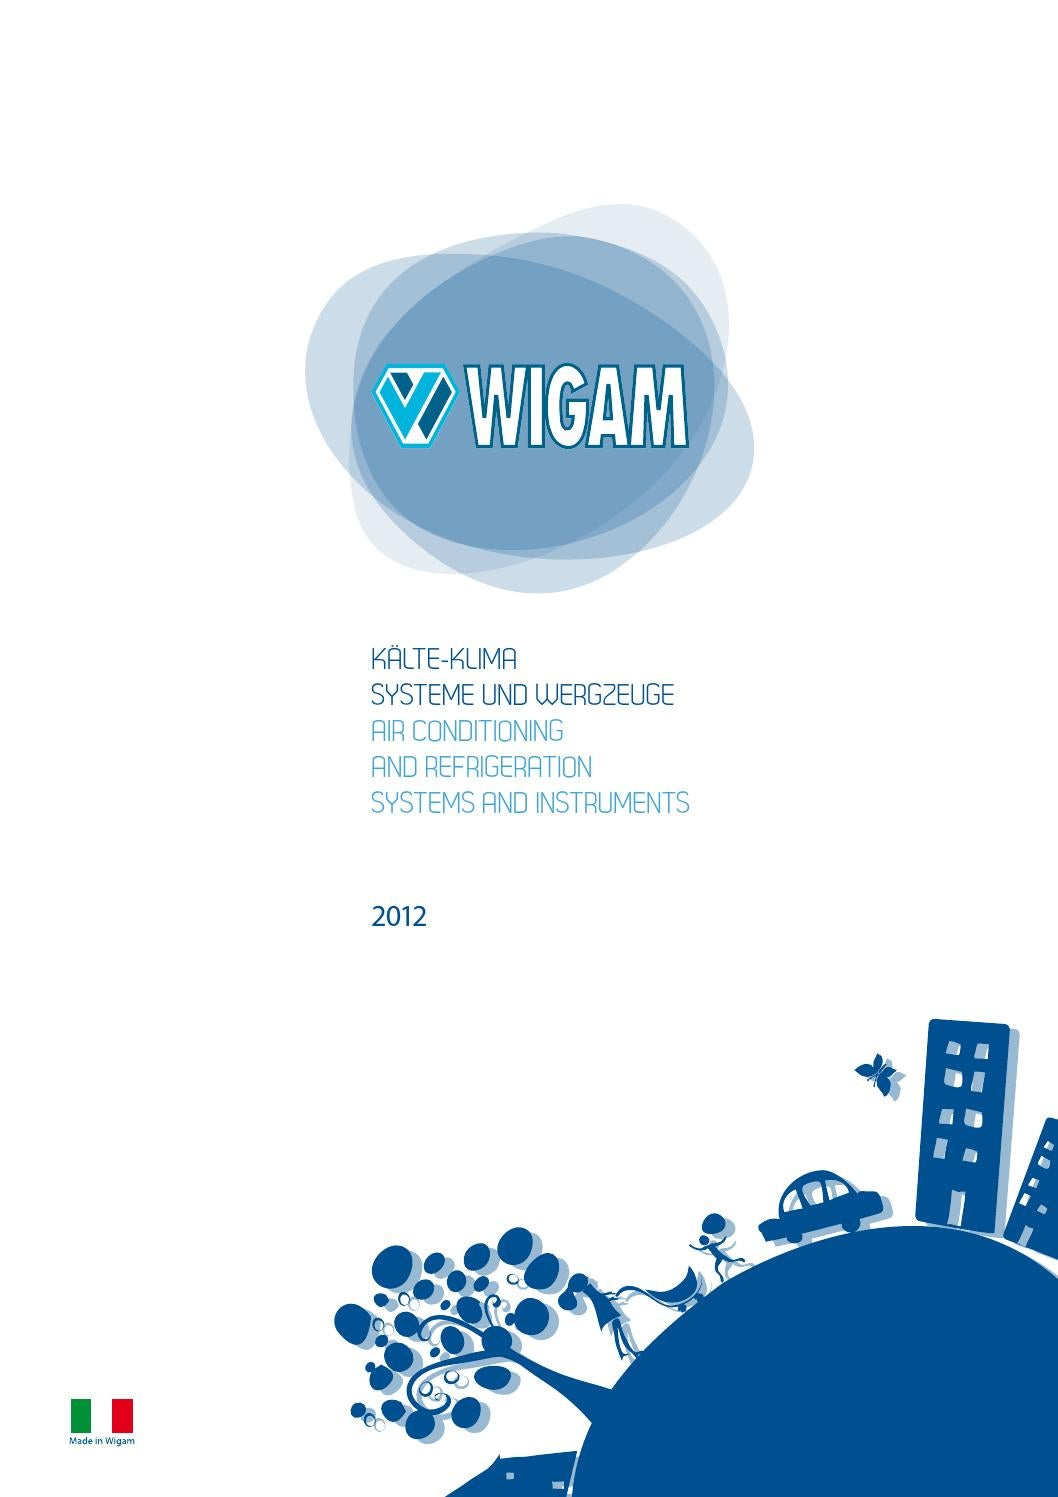 WIGAM-Katalog deutsch by OEHME-Systeme - issuu